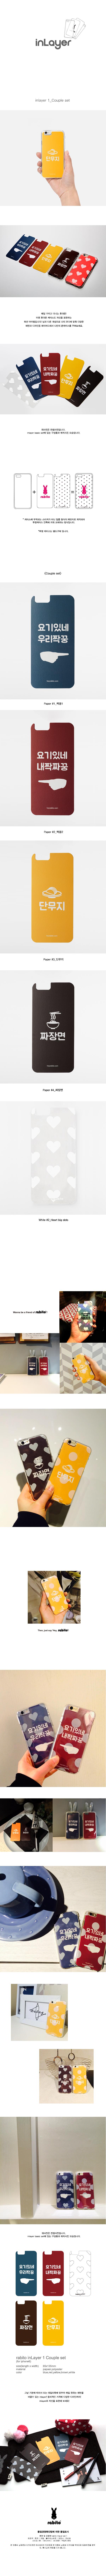 아이폰 6 lnlayer set 1 couple set[케이스별도] - 라비또, 1,600원, 케이스, 아이폰6/6 플러스